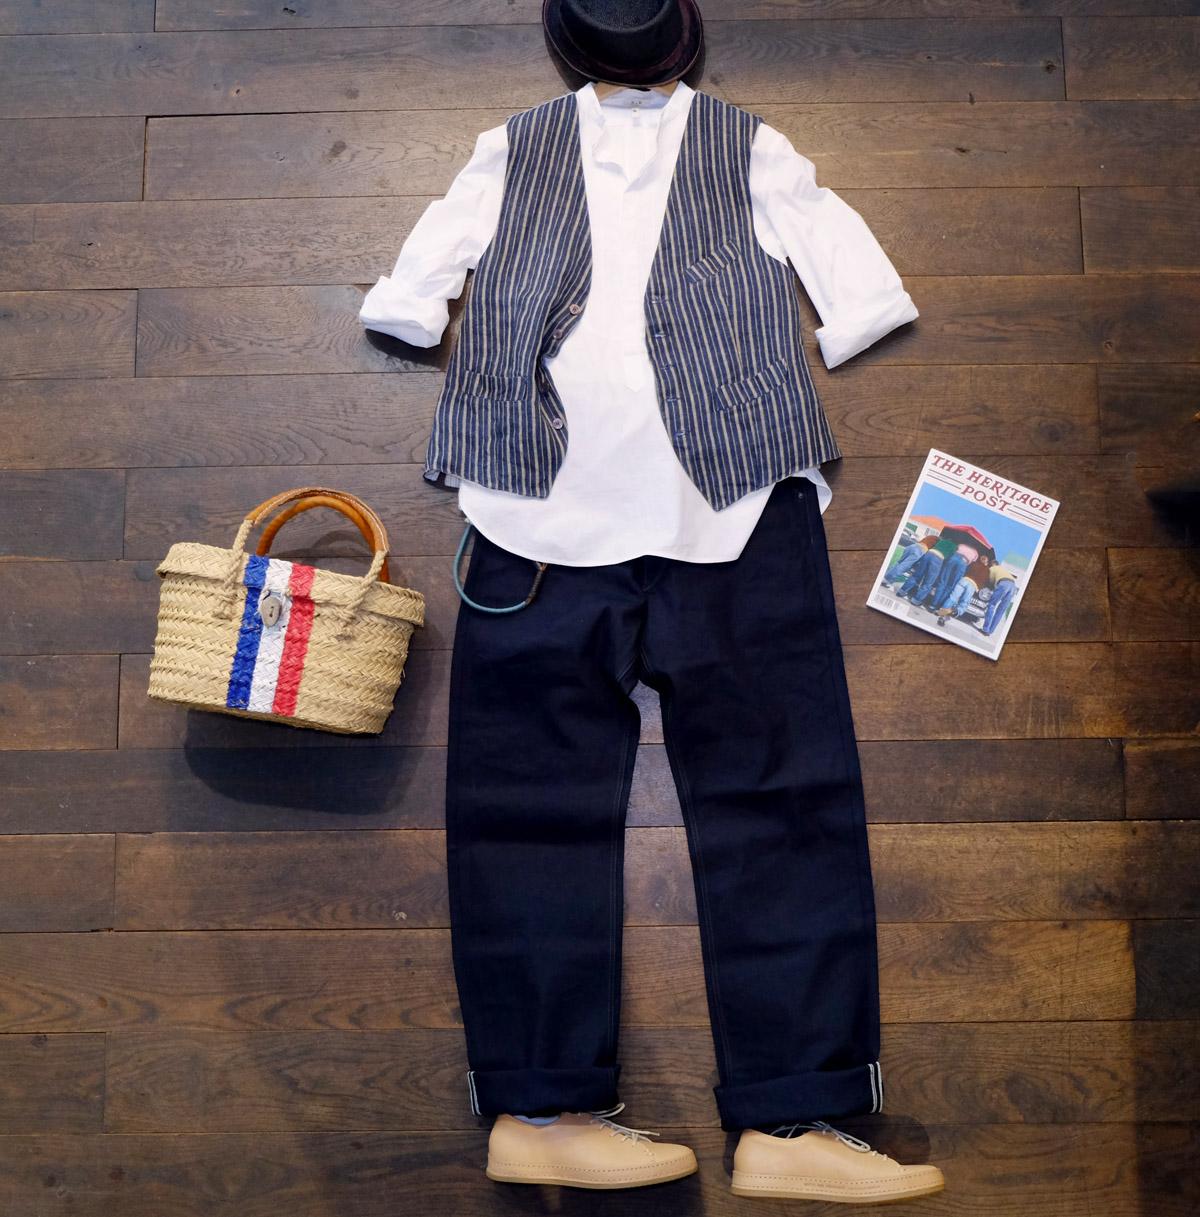 outfit-der-woche-stevensonoverall-duckcanvas-kushnir-hemd-man1924-weste-streifen-moveroma-porkpie-theheritagepost-seegrastasche-buttsandshoulders